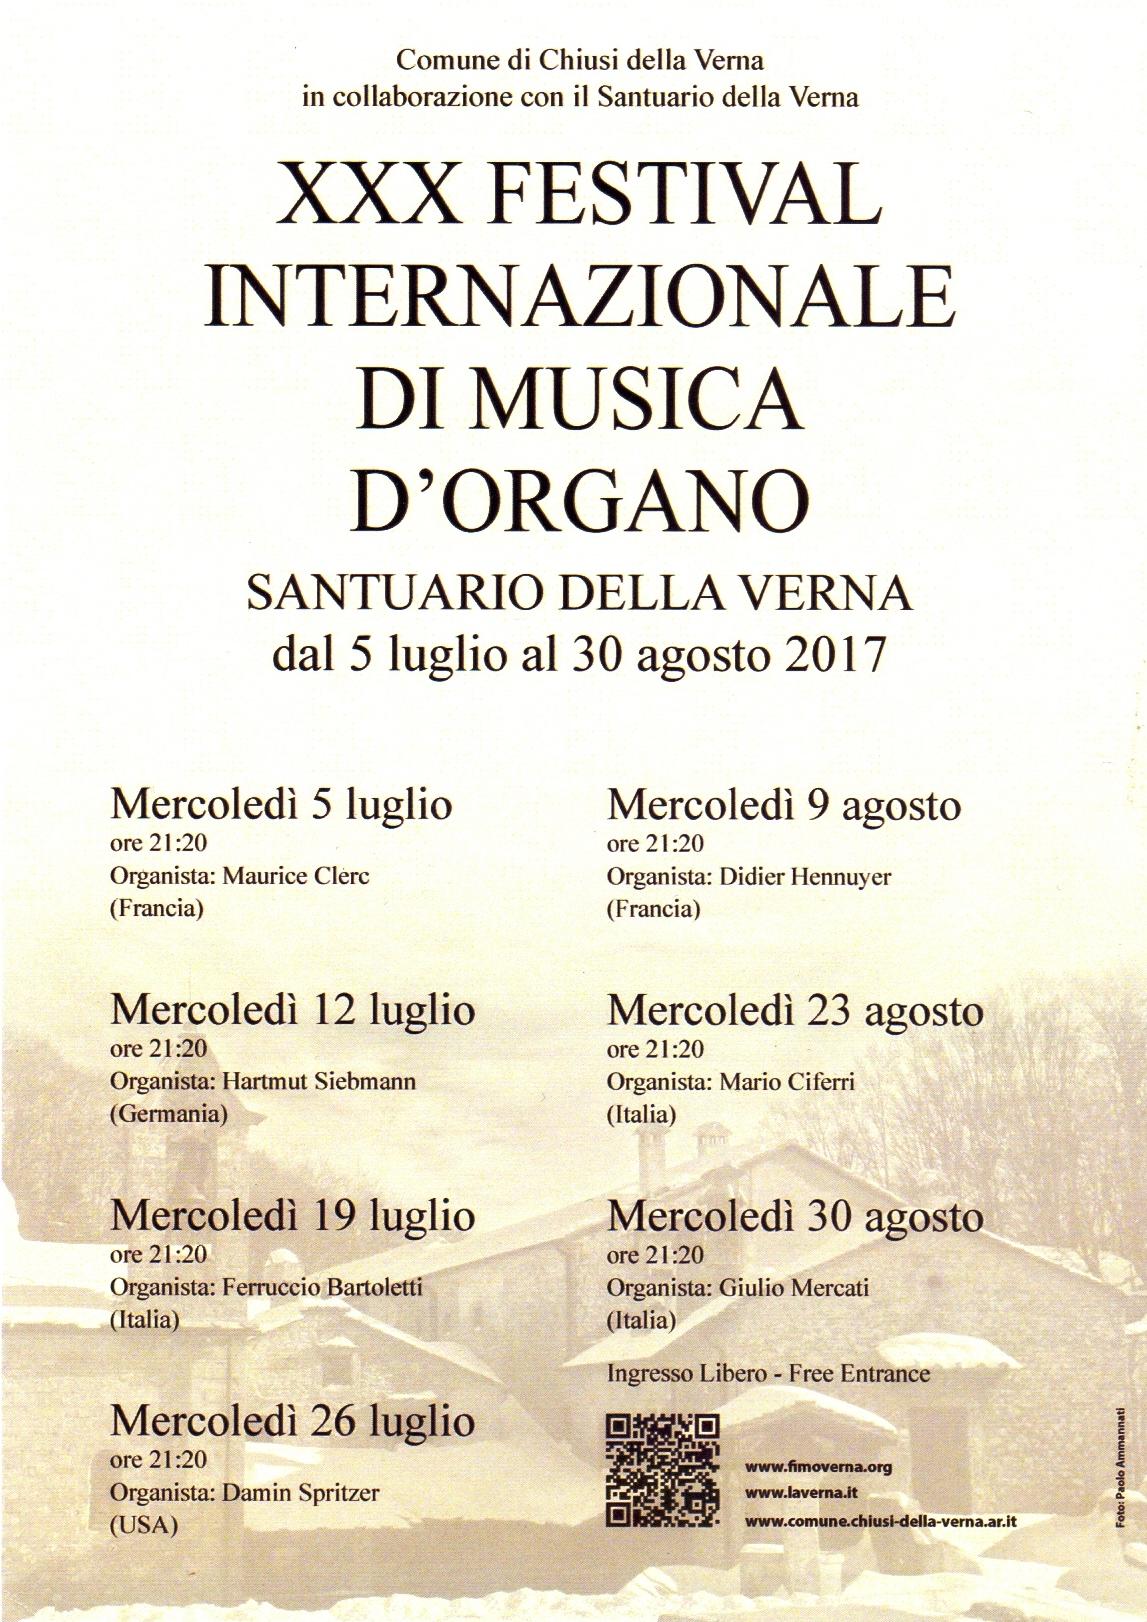 Festival Internazionale di Musica d'Organo 4